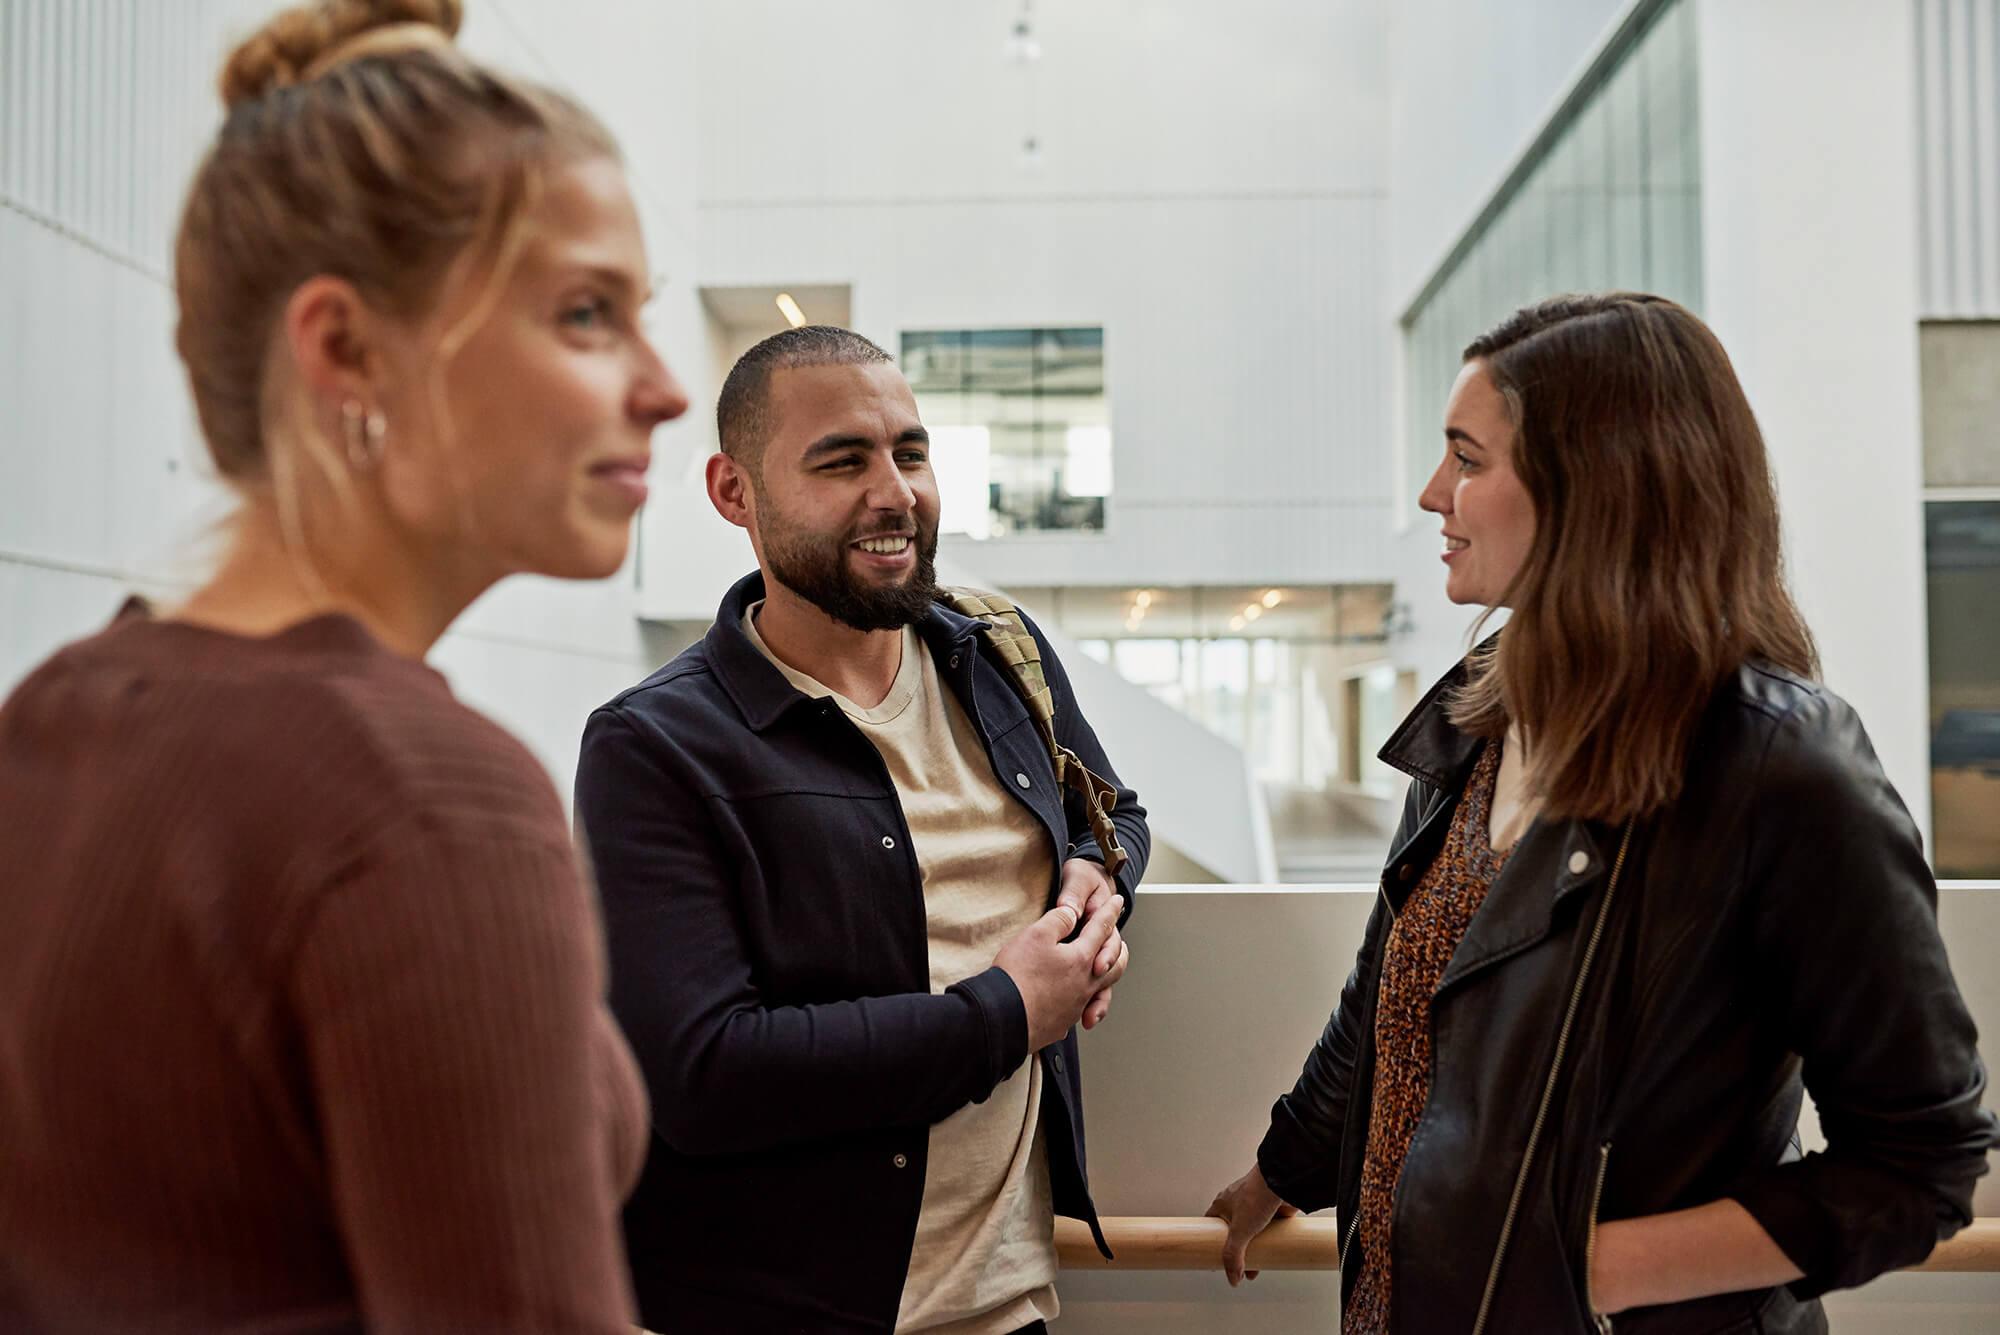 Tre lærerstuderende taler med hinanden ved trappe på Campus Carlsberg